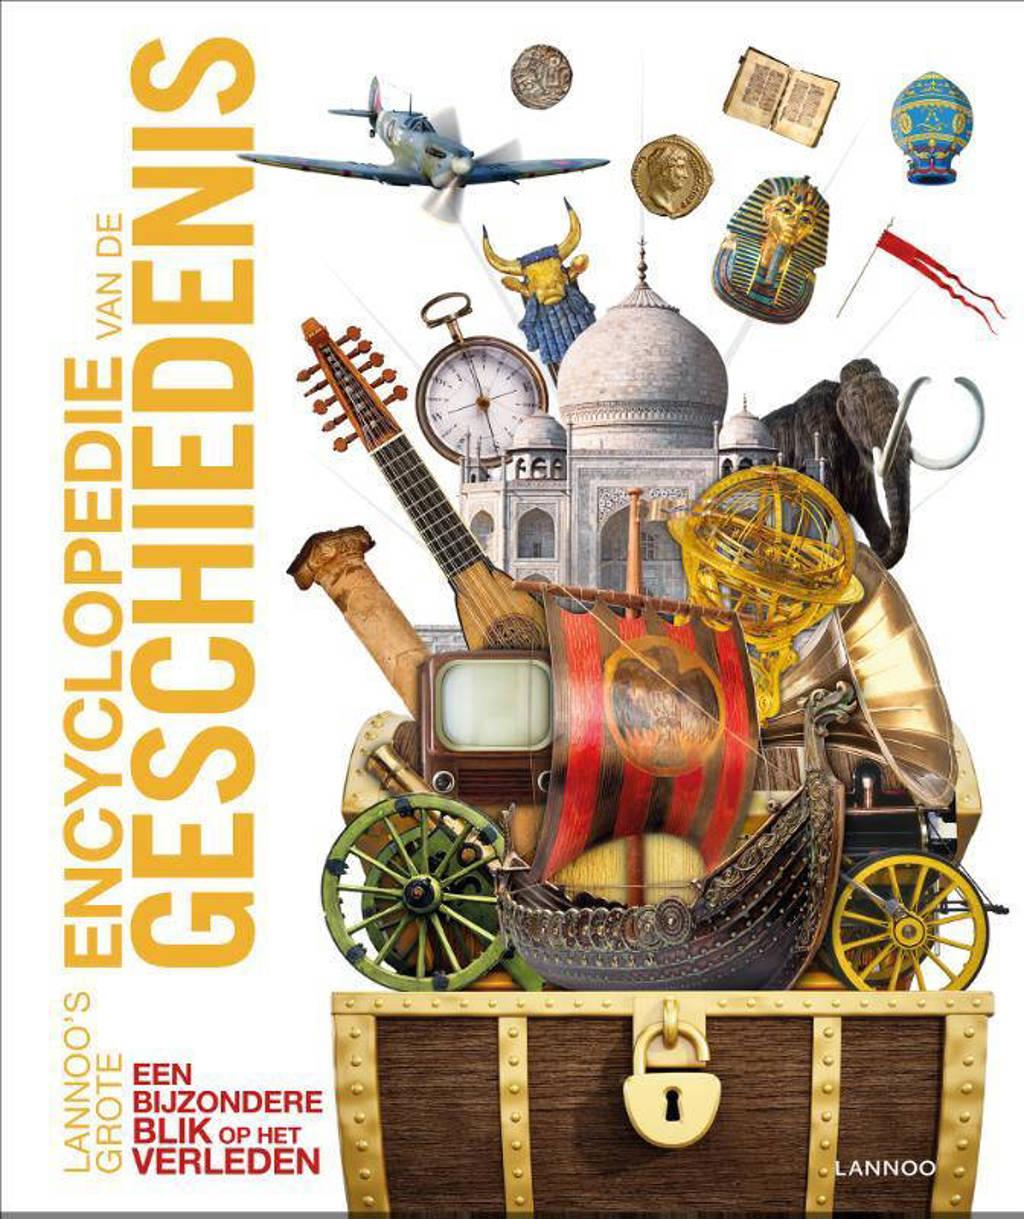 Lannoo's grote encyclopedie: Lannoo's grote encyclopedie van de geschiedenis